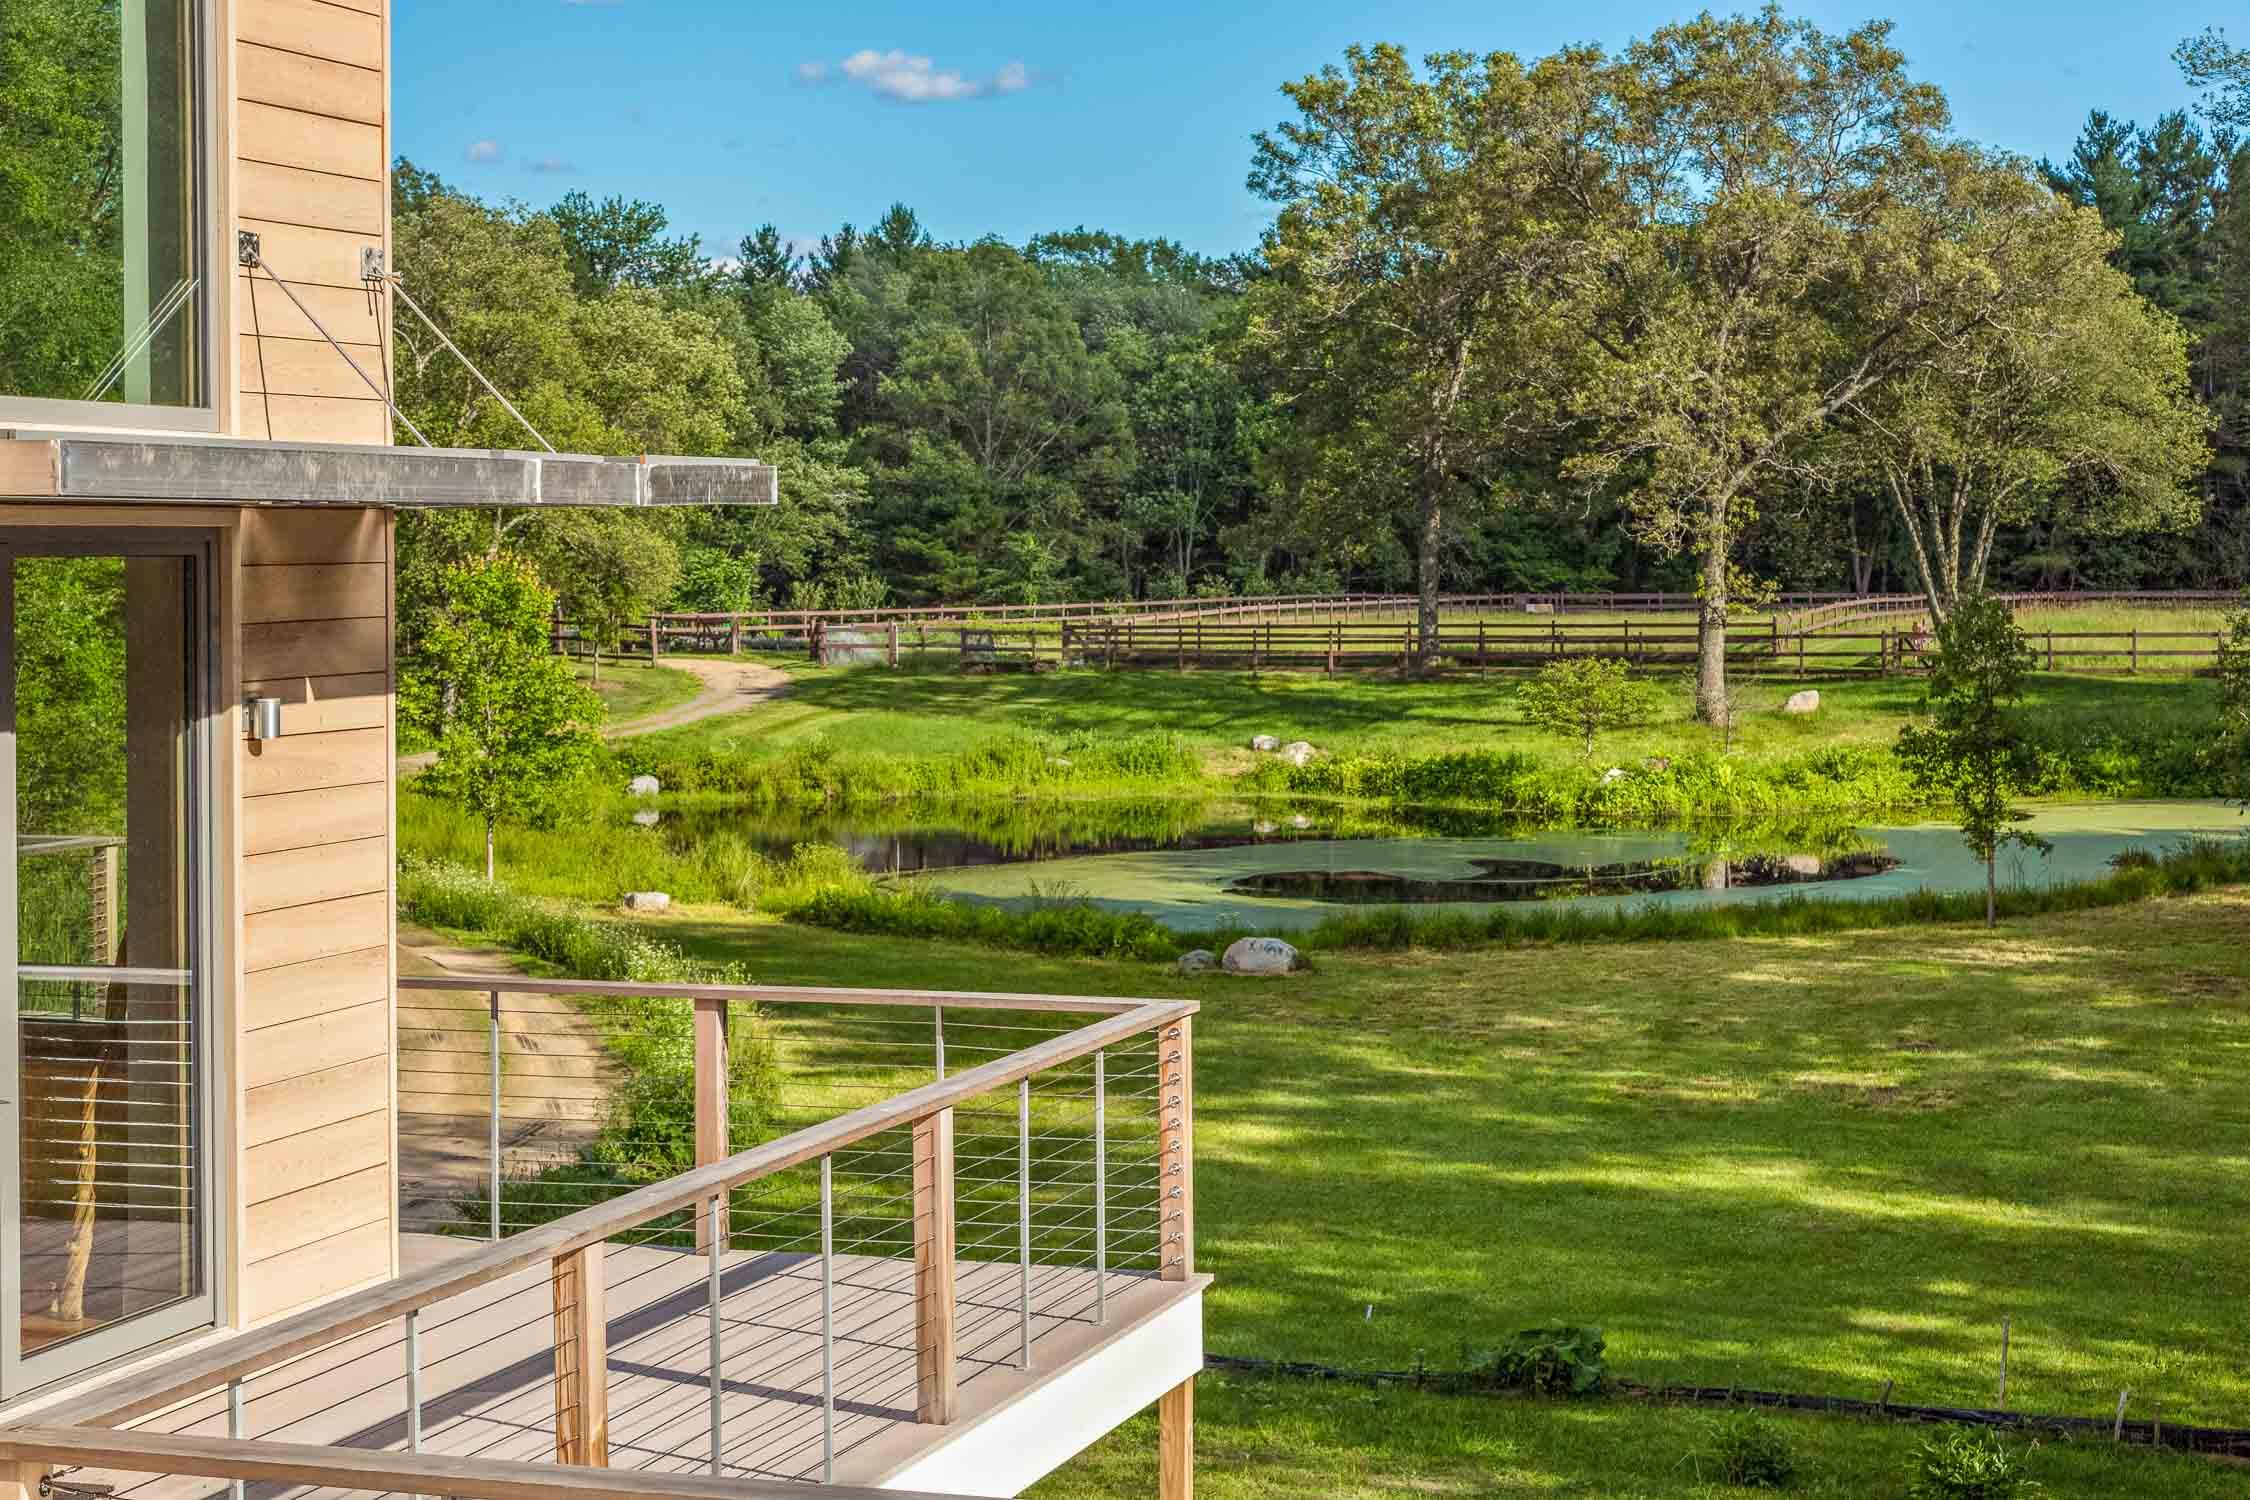 Landscape Architecture and Design Lincoln, MA